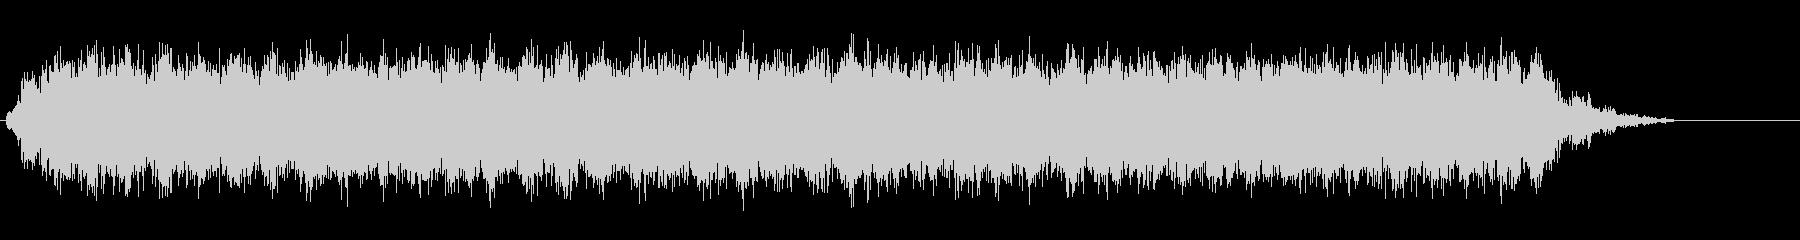 [生録音]ミキサーで混ぜる02-ミドルの未再生の波形